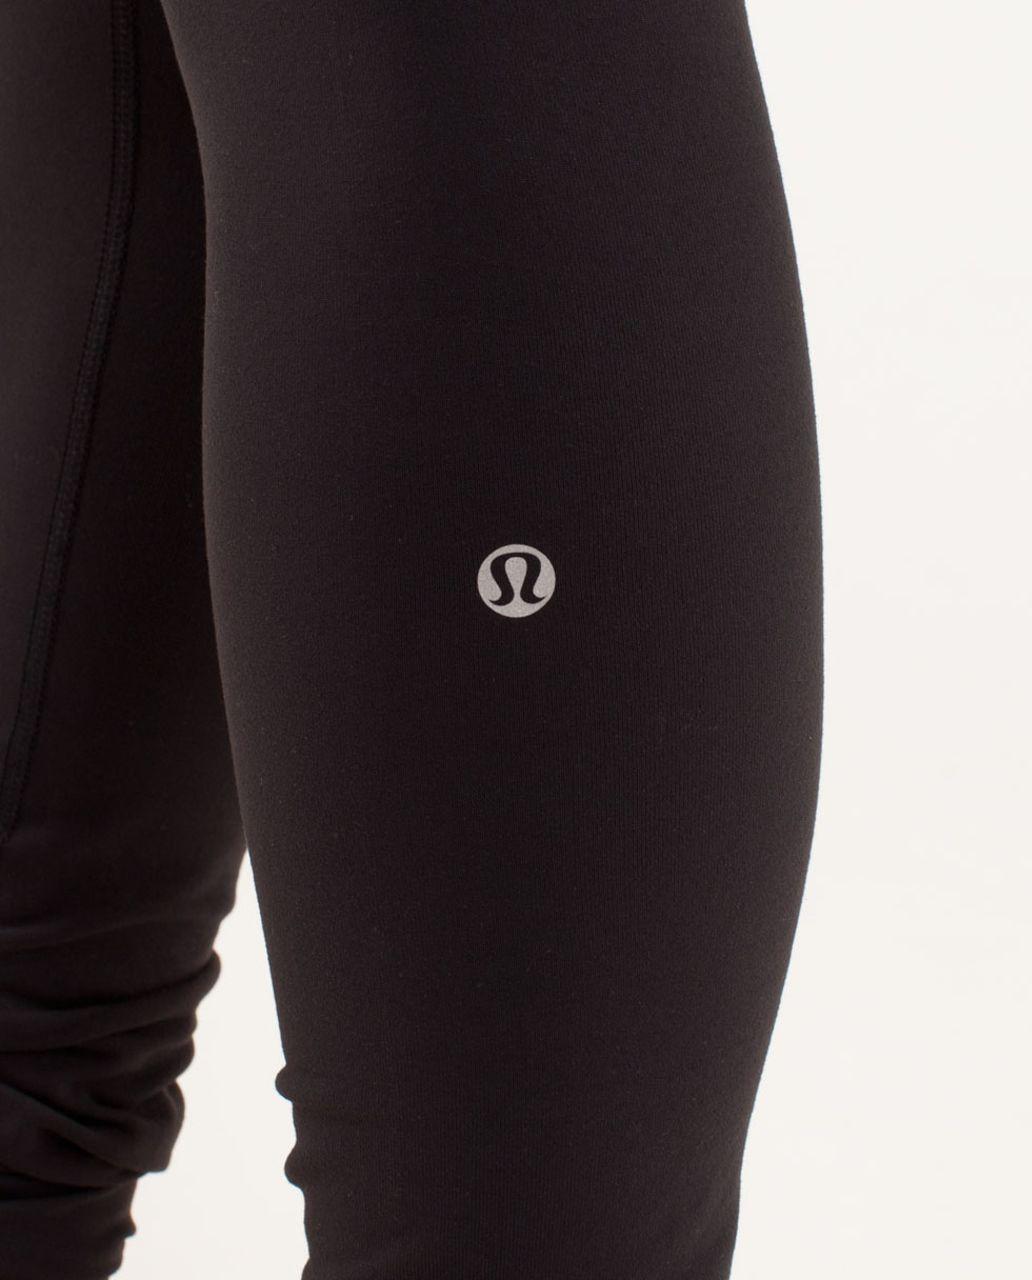 Lululemon Wunder Under Pant - Black / Fall 12 Quilt 9